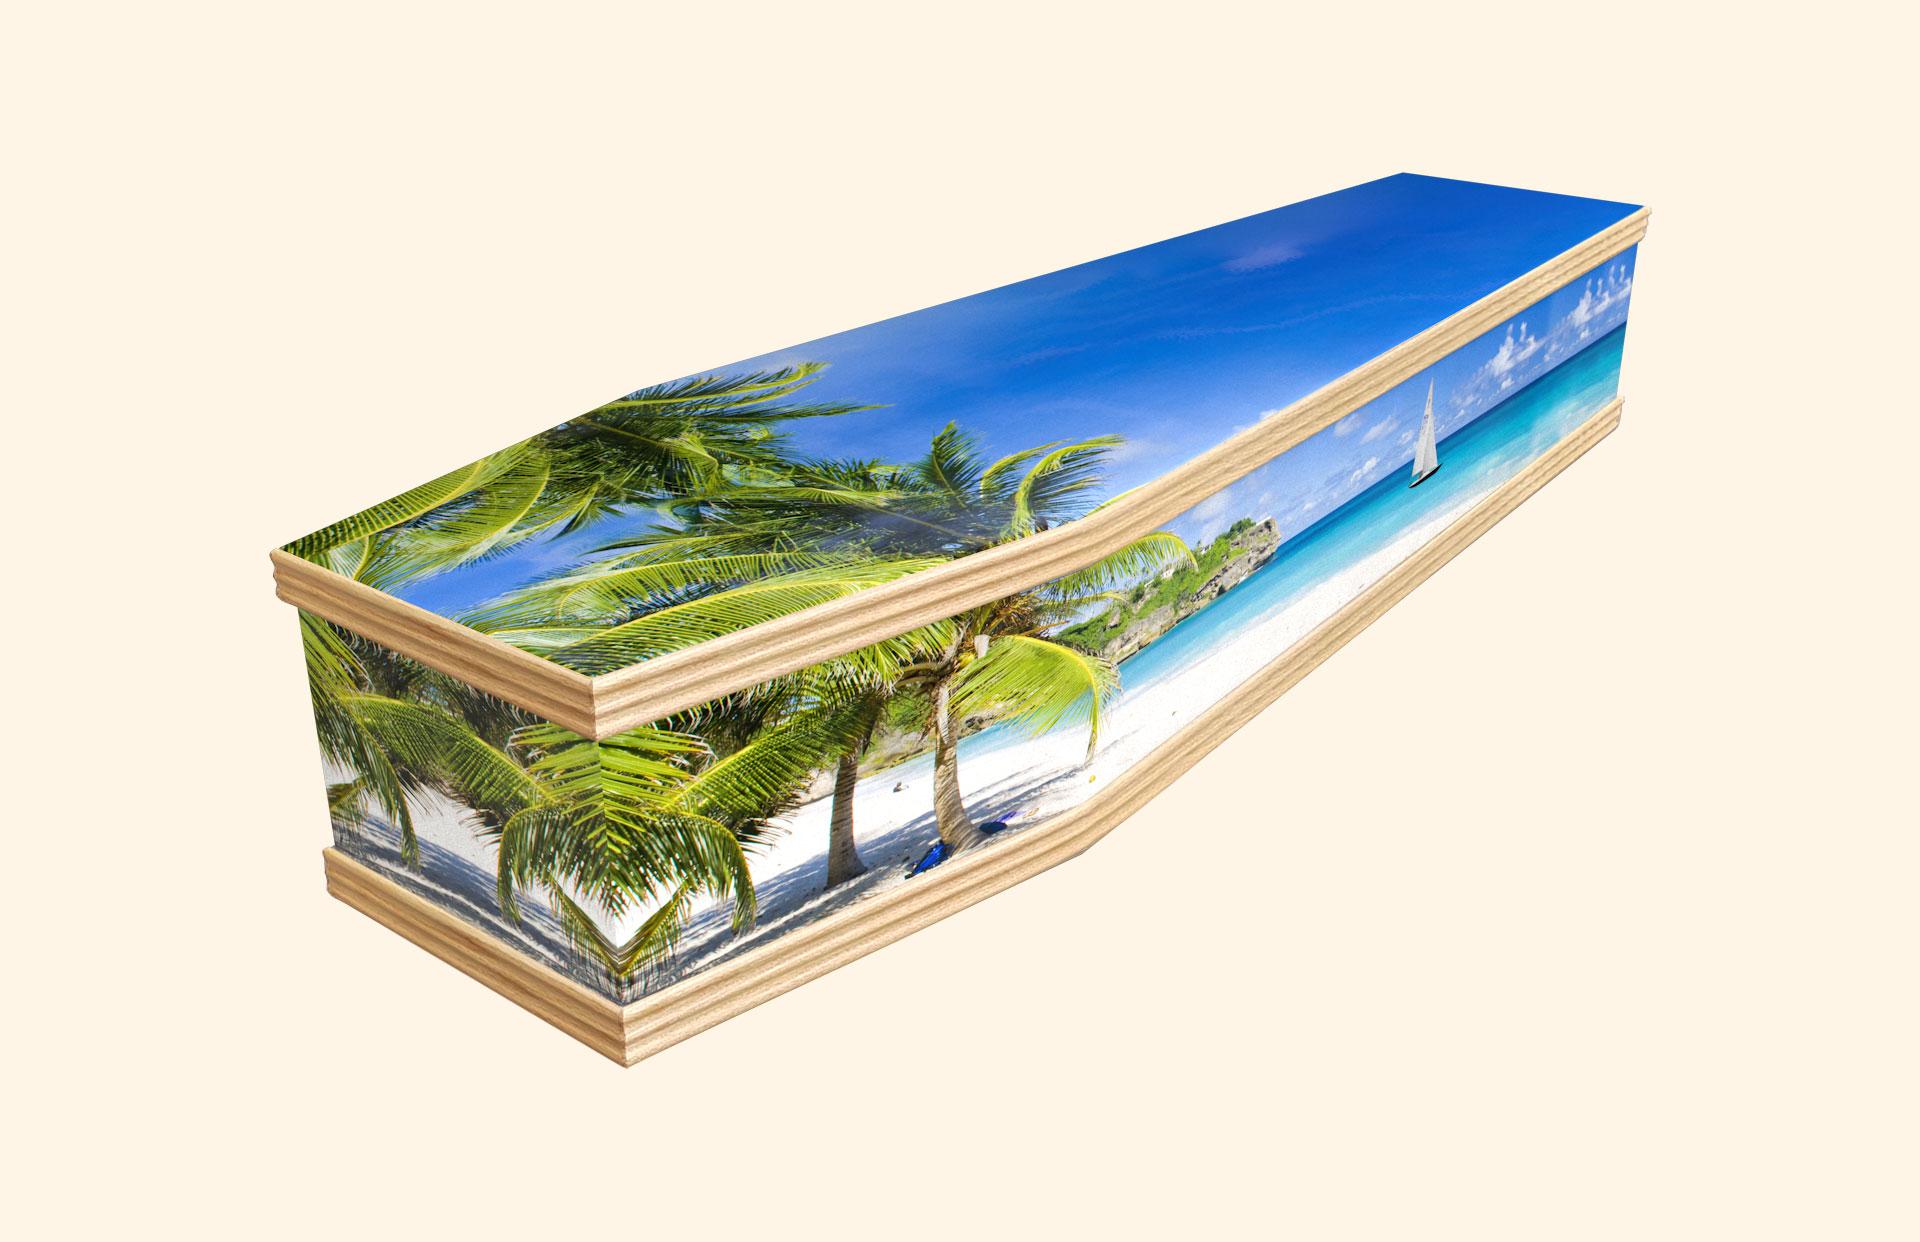 Bright Barbados Classic coffin